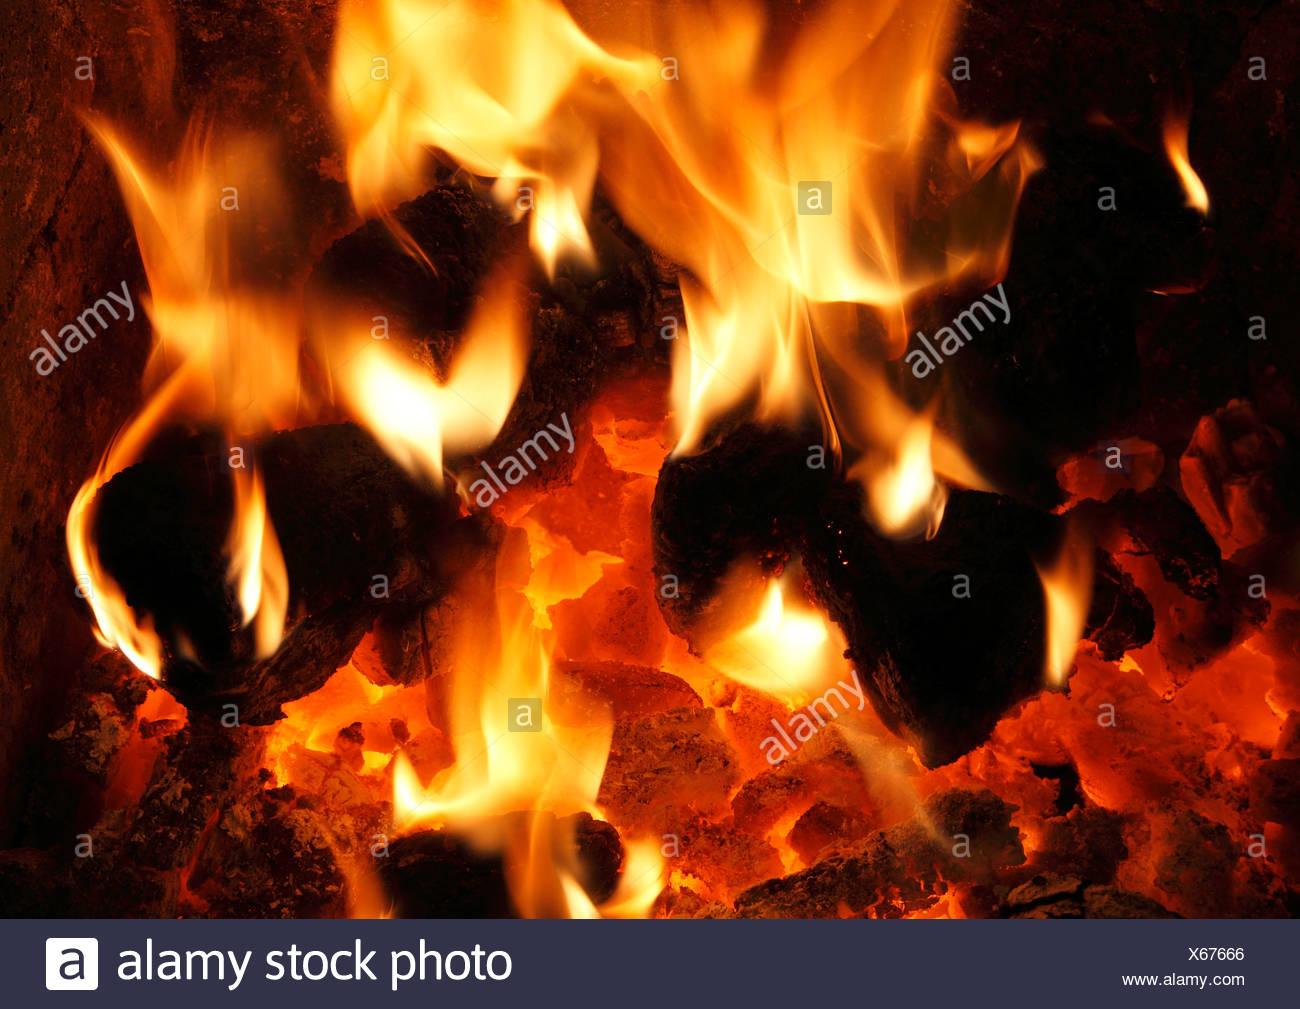 Combustibles sólidos, carbón nacional fuego, ardor, llamas, llamas corazón fireside incendios energía de calor calor cálido hogar incendios Imagen De Stock